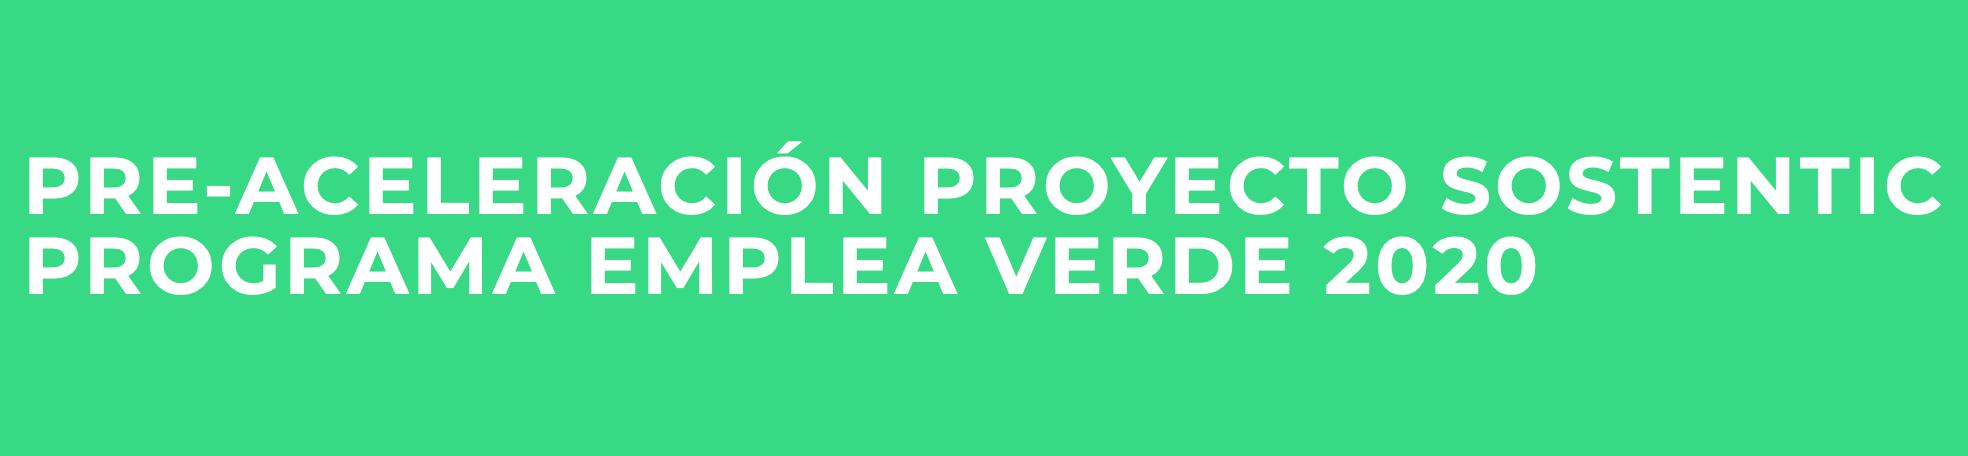 El Programa Emplea Verde 2020 ofrece plazas gratis para emprendedores canarios y andaluces - Diario de Emprendedores